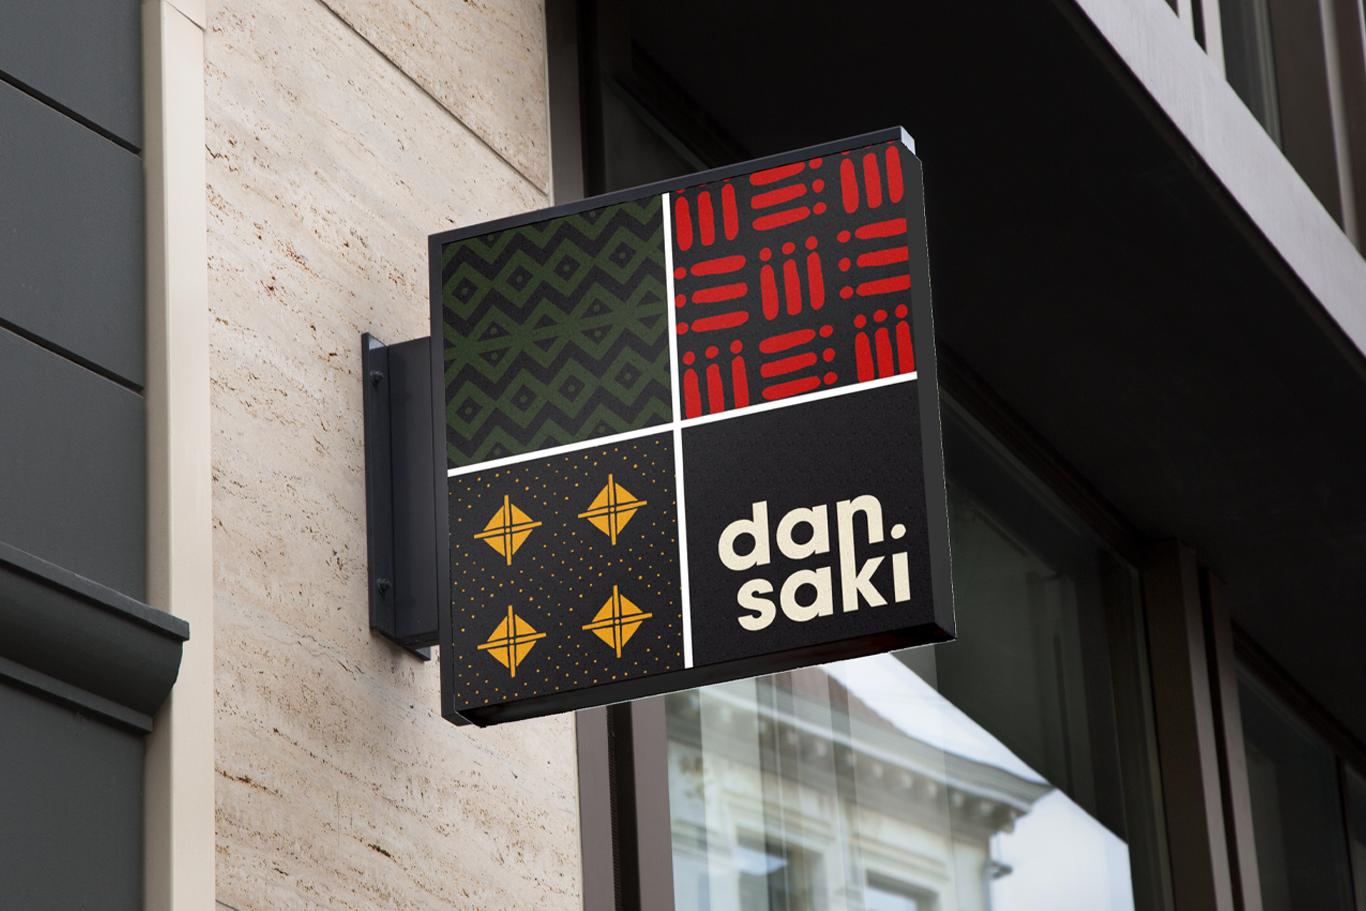 Dansaki logo